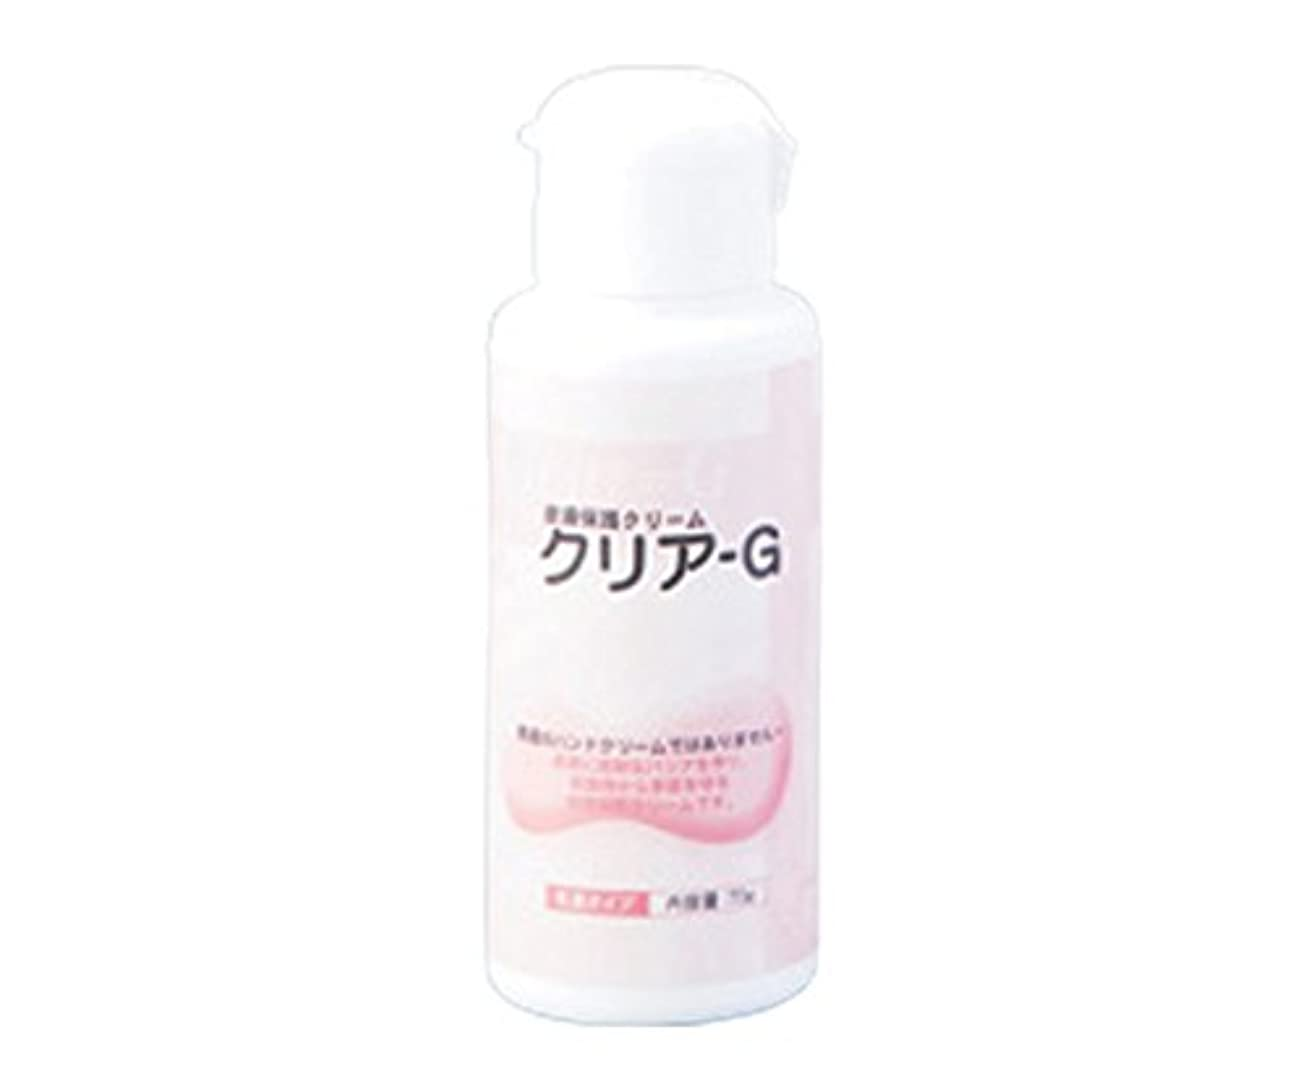 漏斗なぜ移植皮膚保護クリーム(クリア-G) 70g